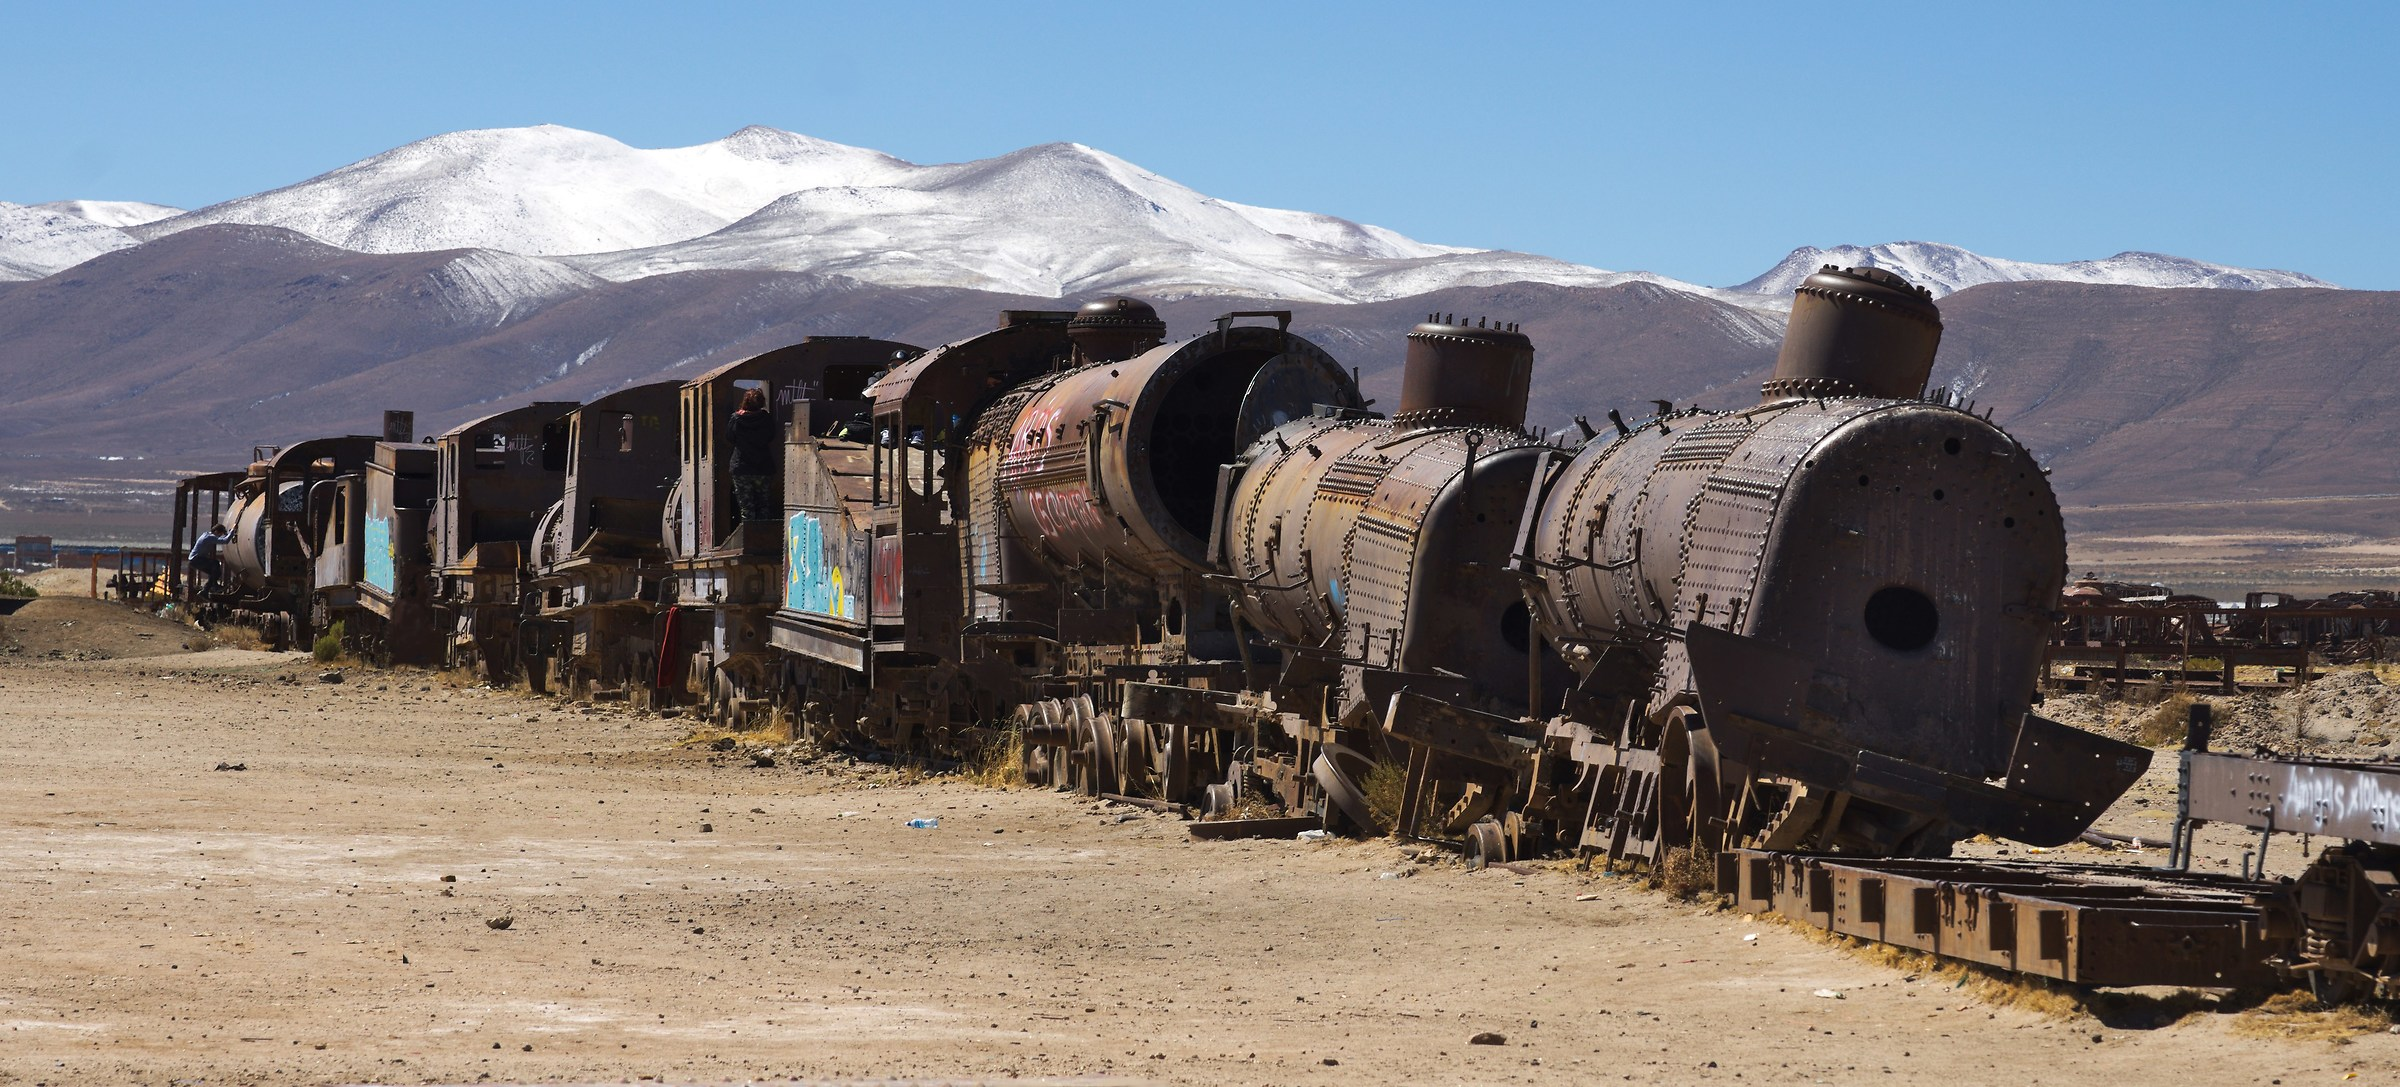 Tutti in carrozza! Cimitero dei treni Uyuni Bolivia...